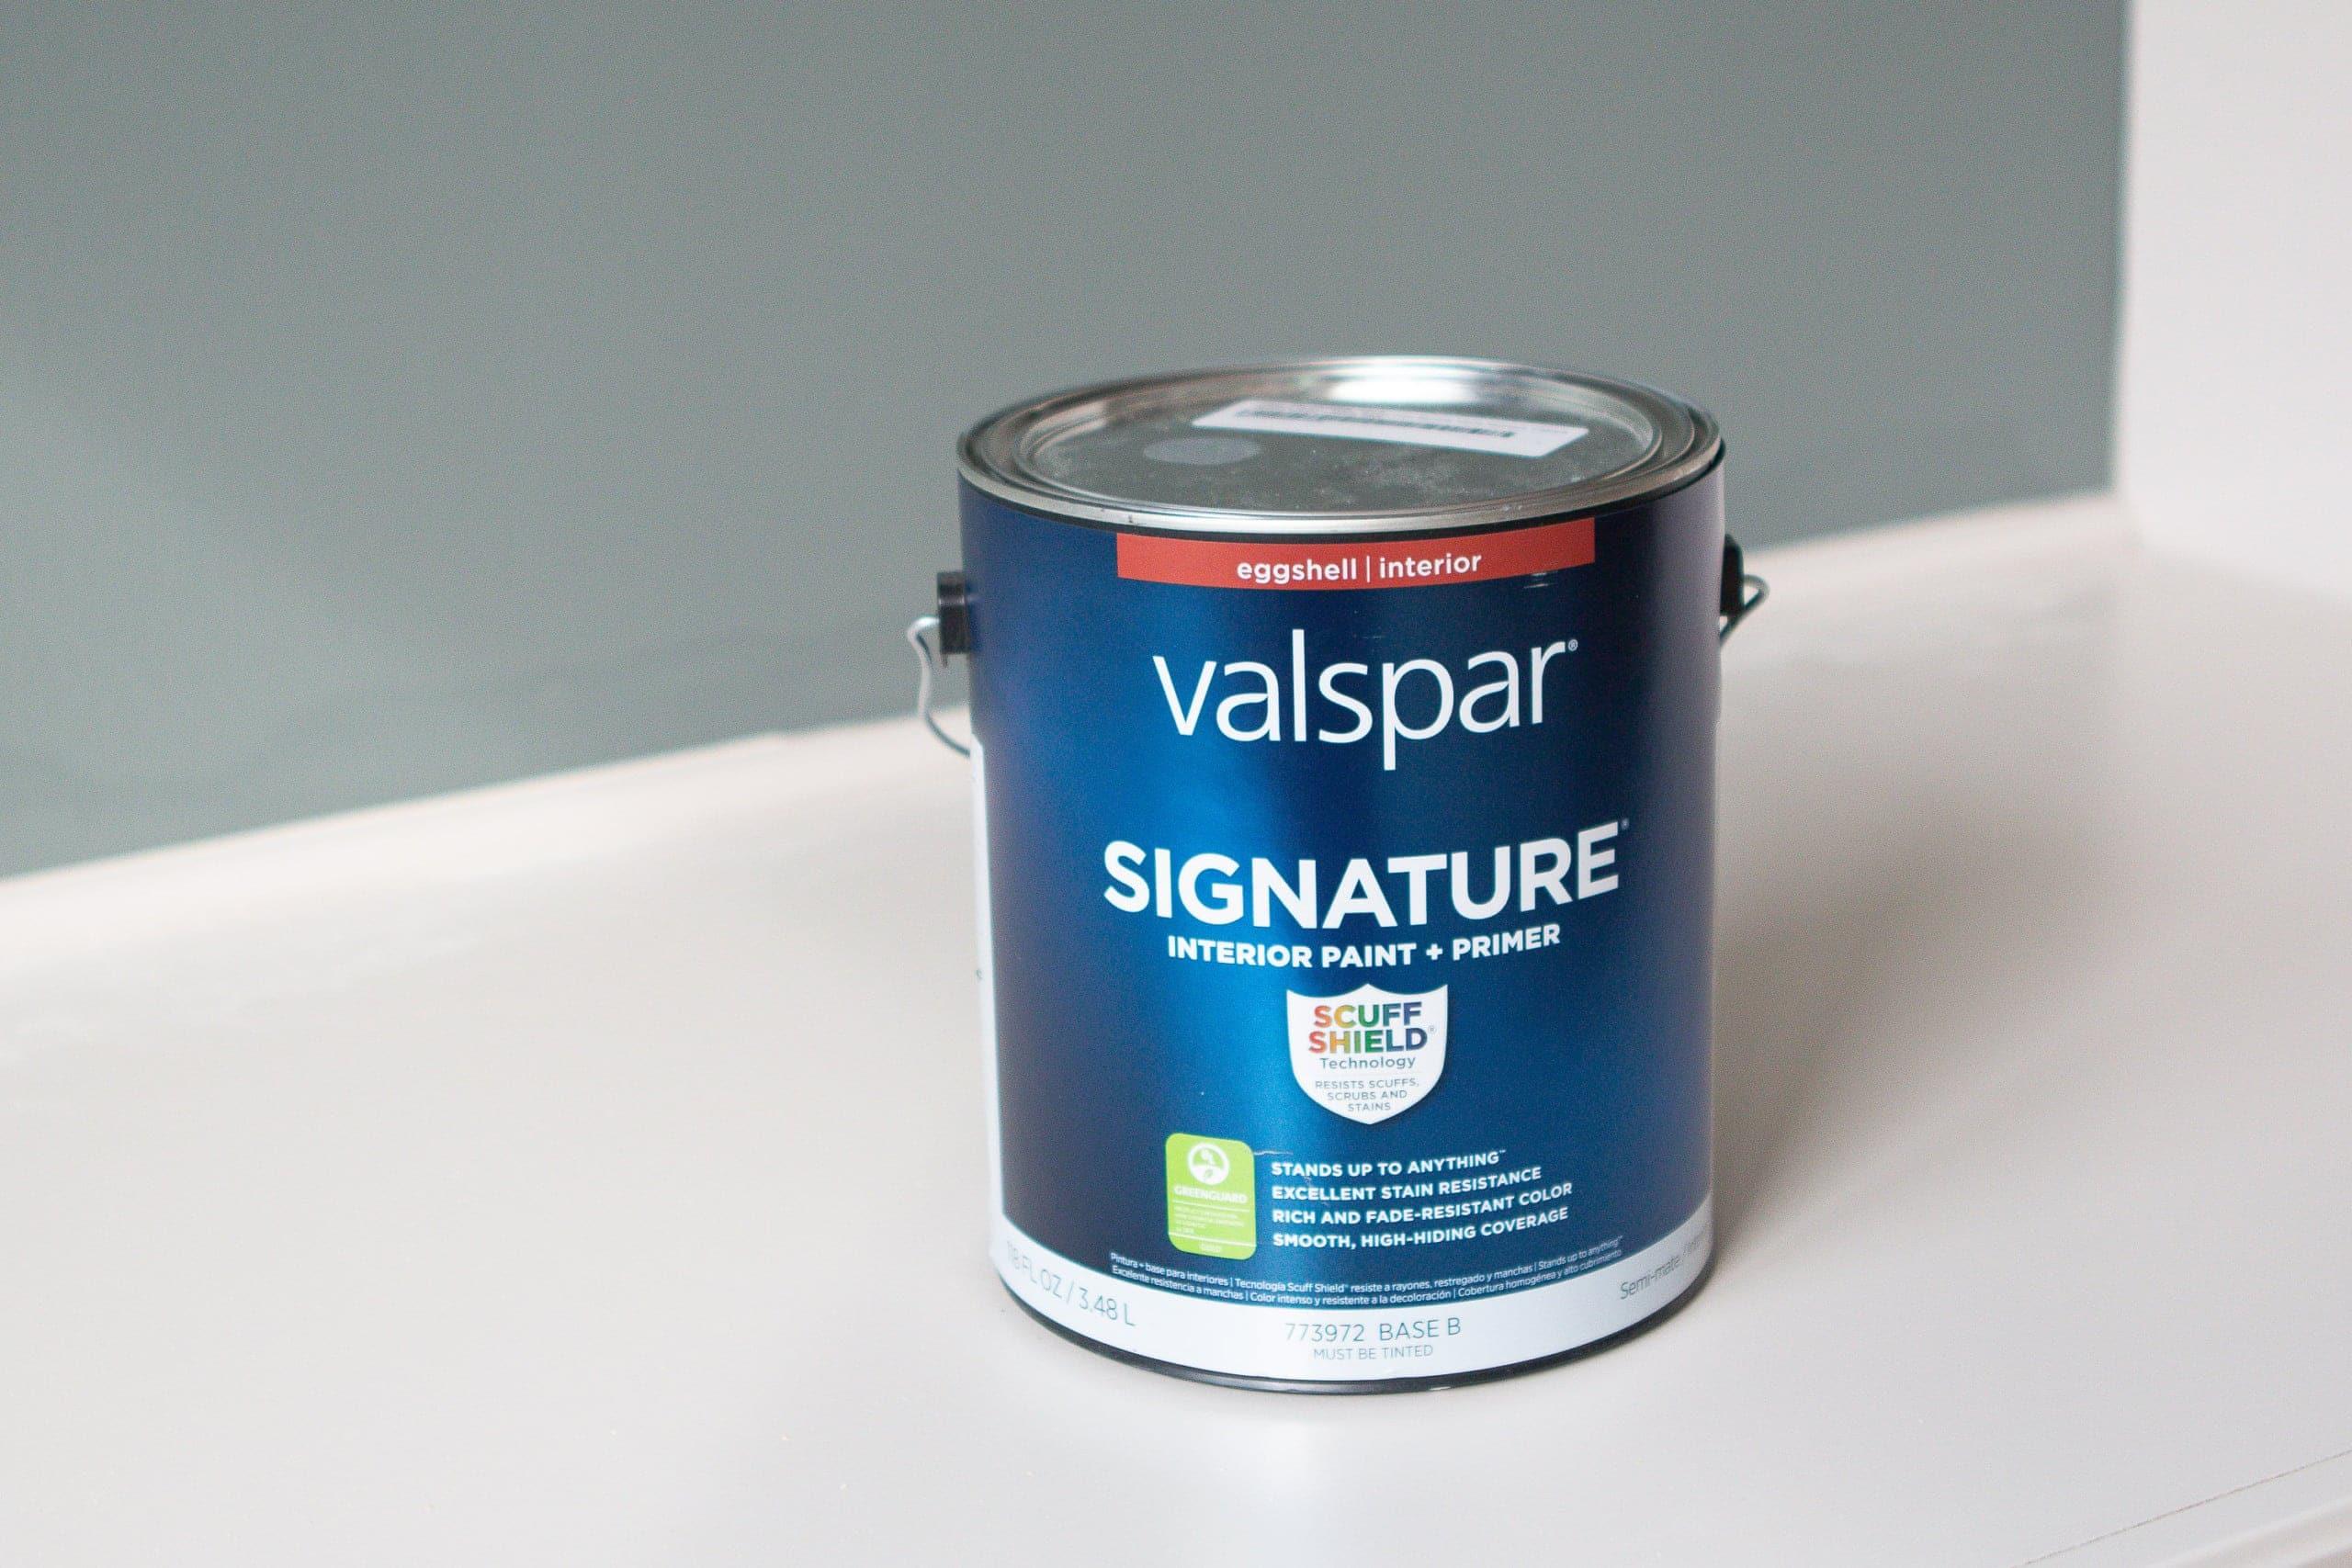 Valspar signature paint